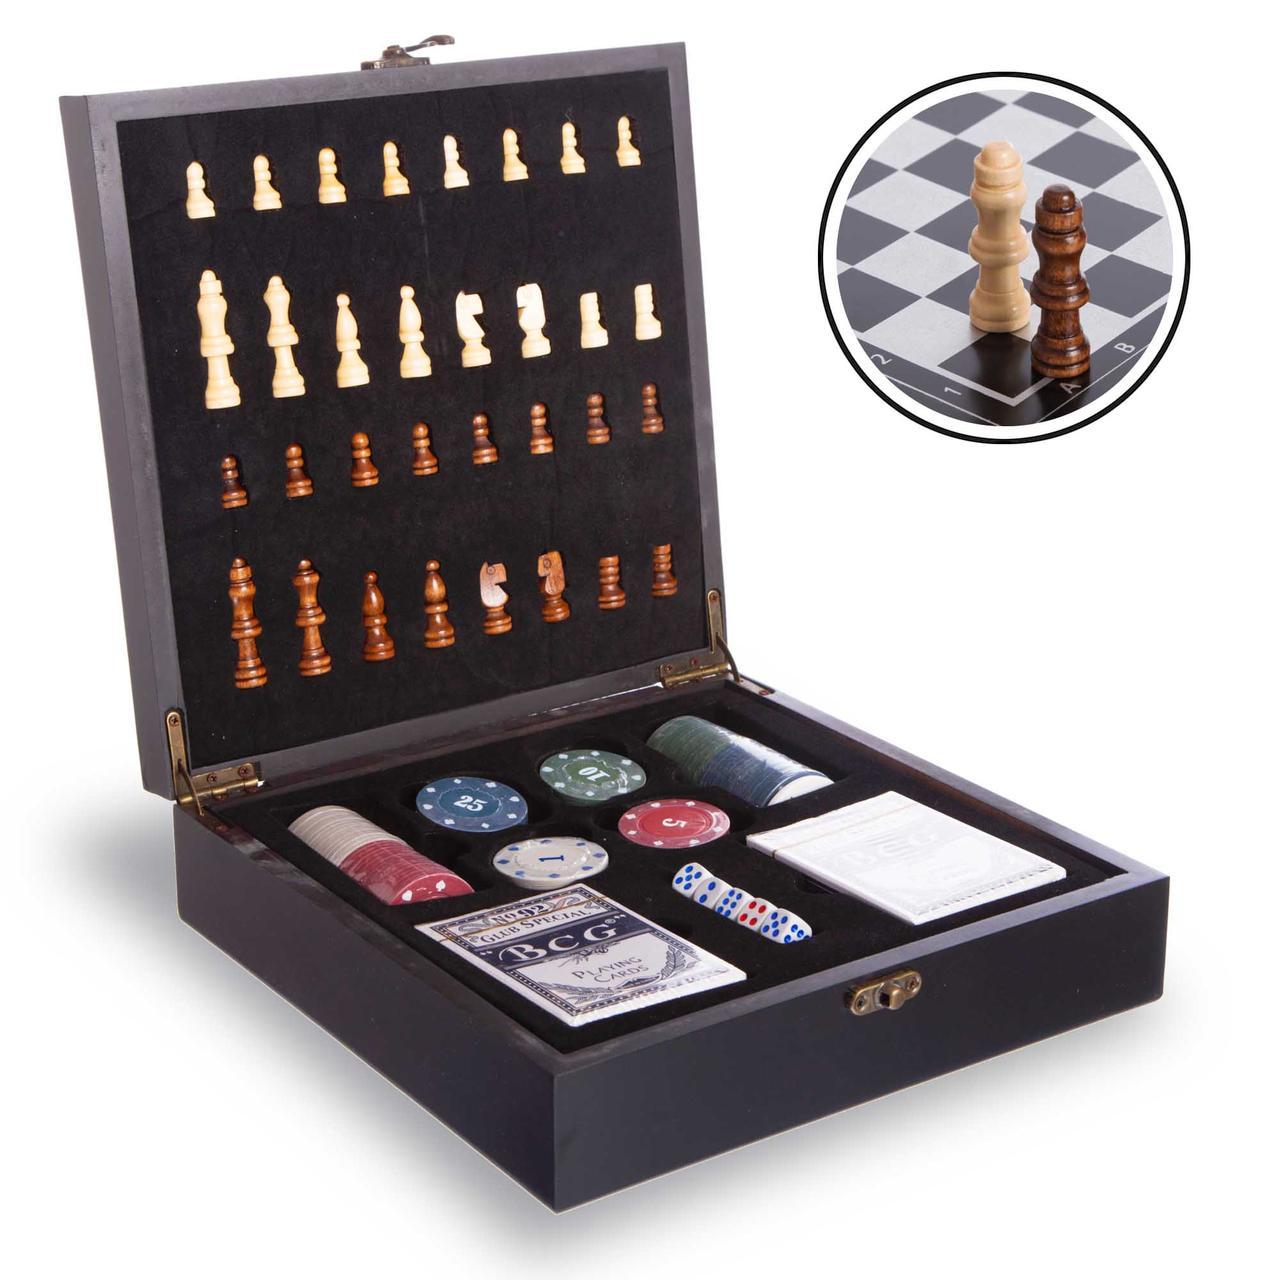 Шахи, покер 2 в 1 набір настільних ігор дерев'яні W2624,чорний